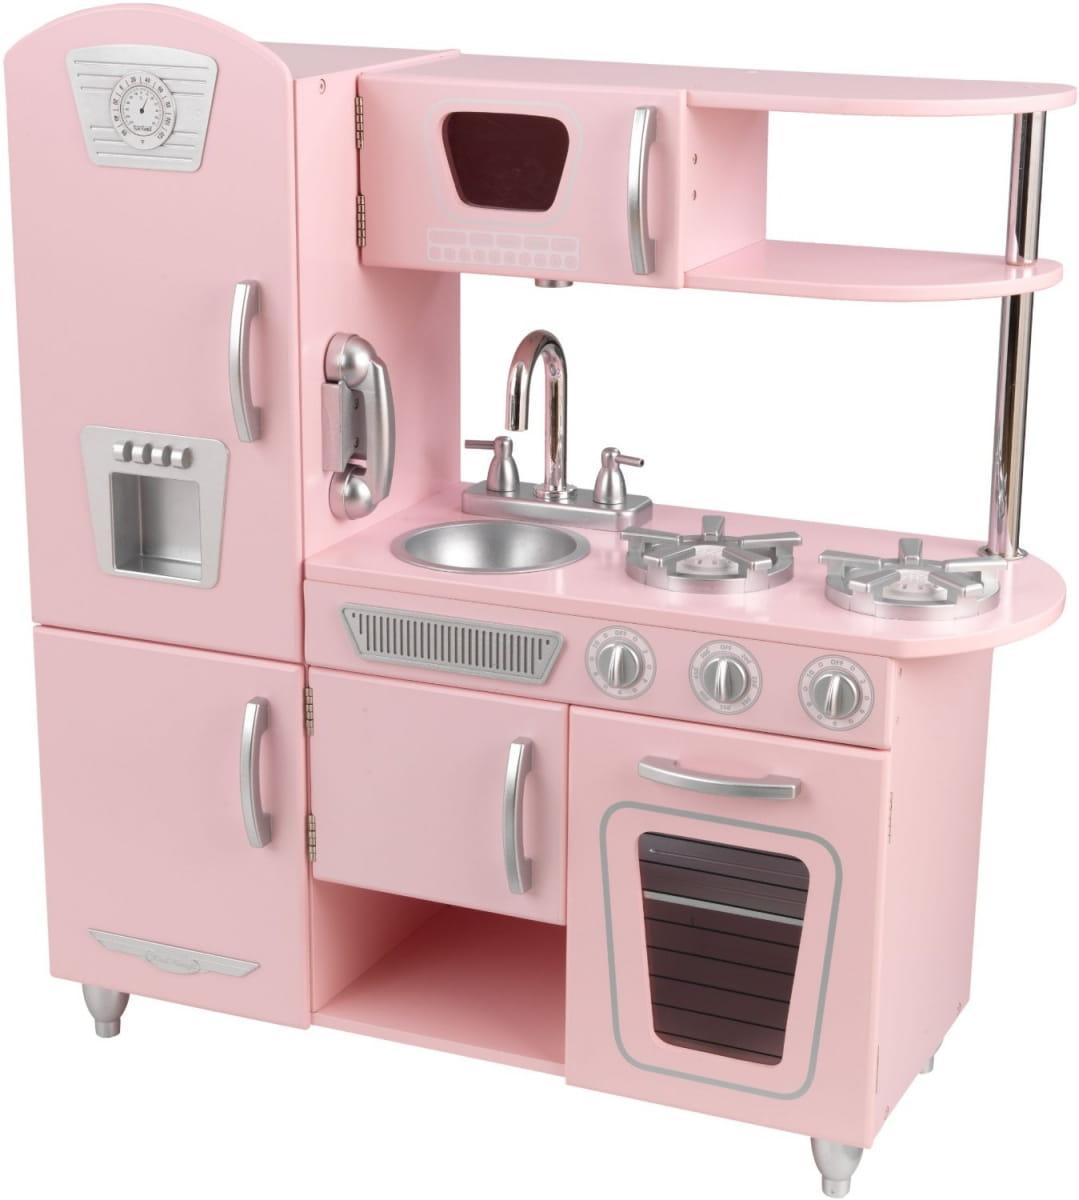 Детская кухня Kidkraft Винтаж Vintage (розовая)